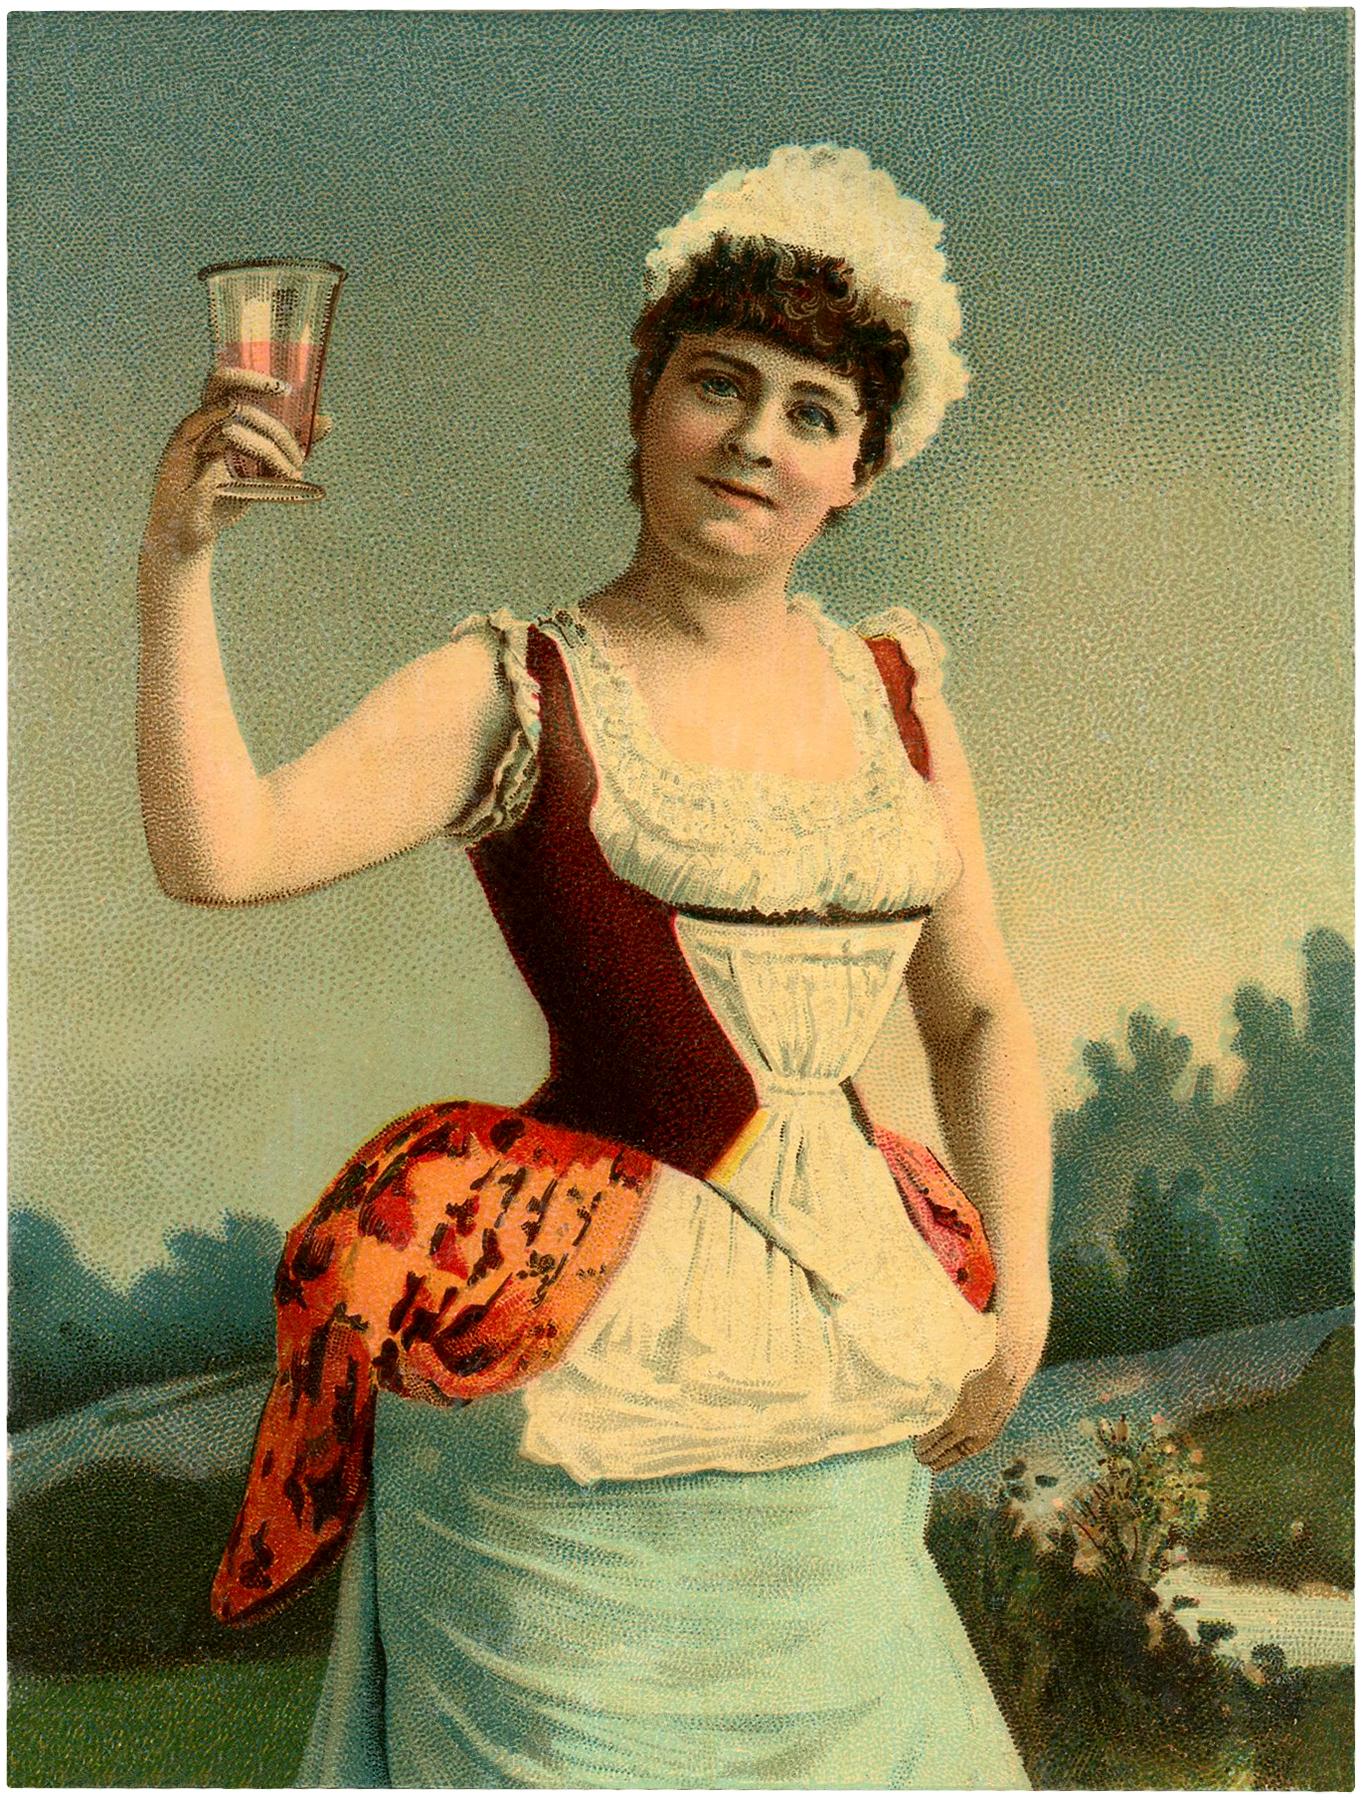 Vintage Woman Toasting Image